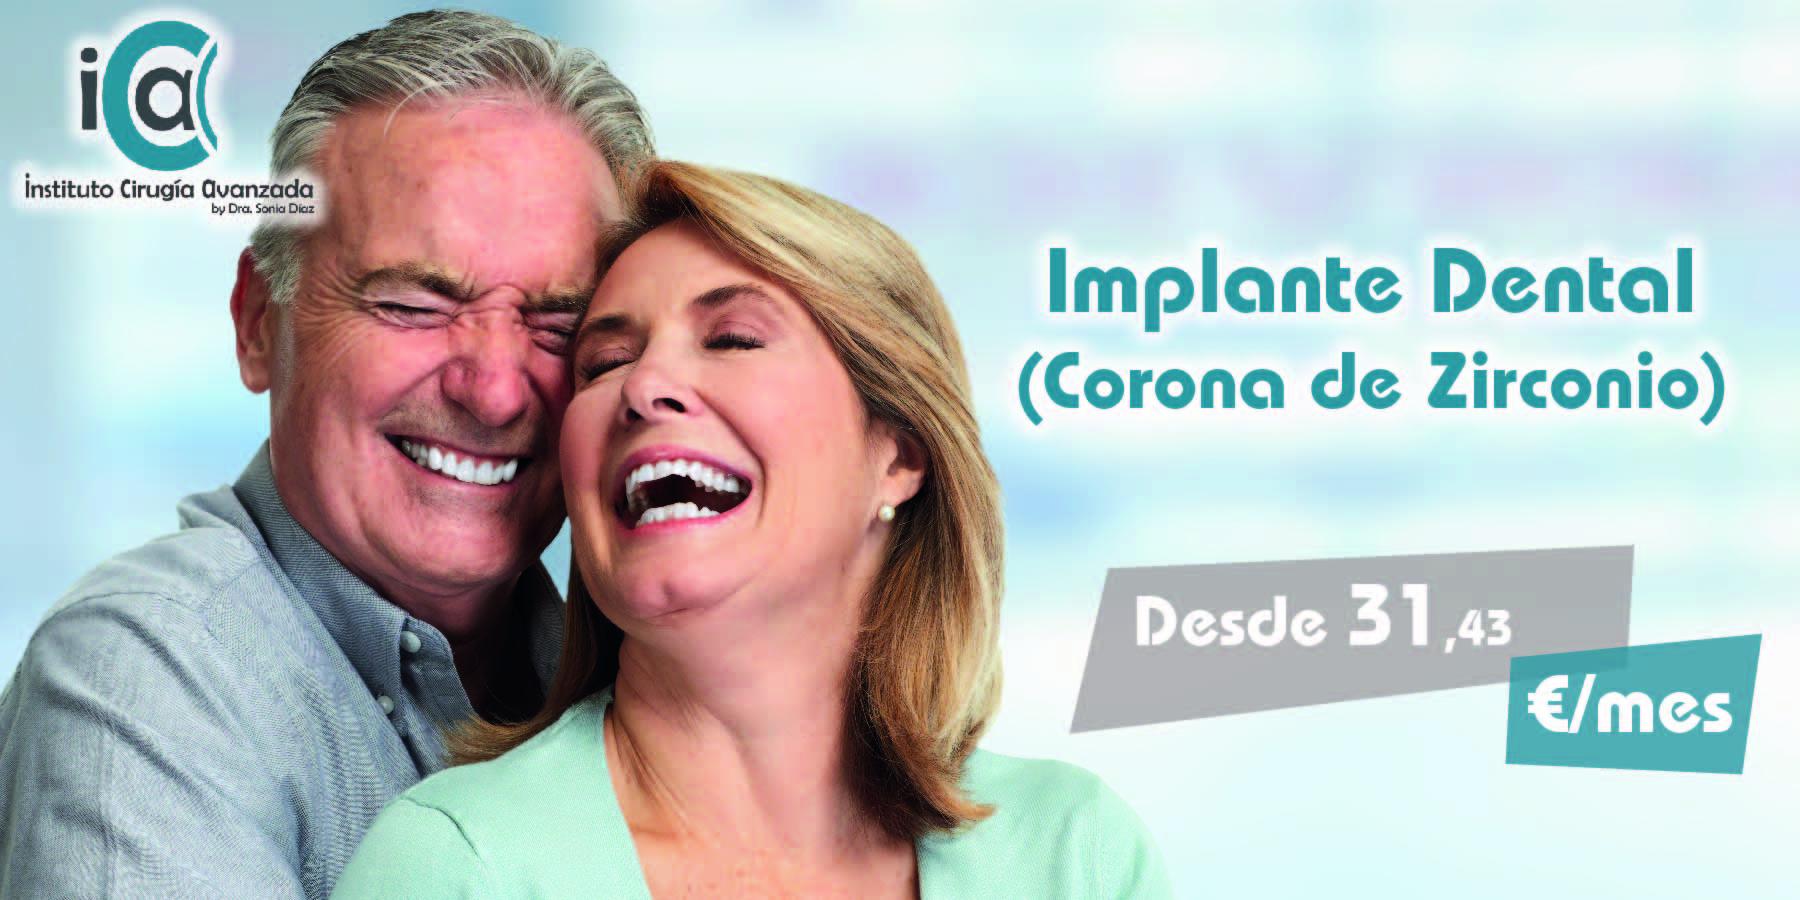 IMPLANTES_DENTALES_CORONA_ZIRCONIO_TENERIFE